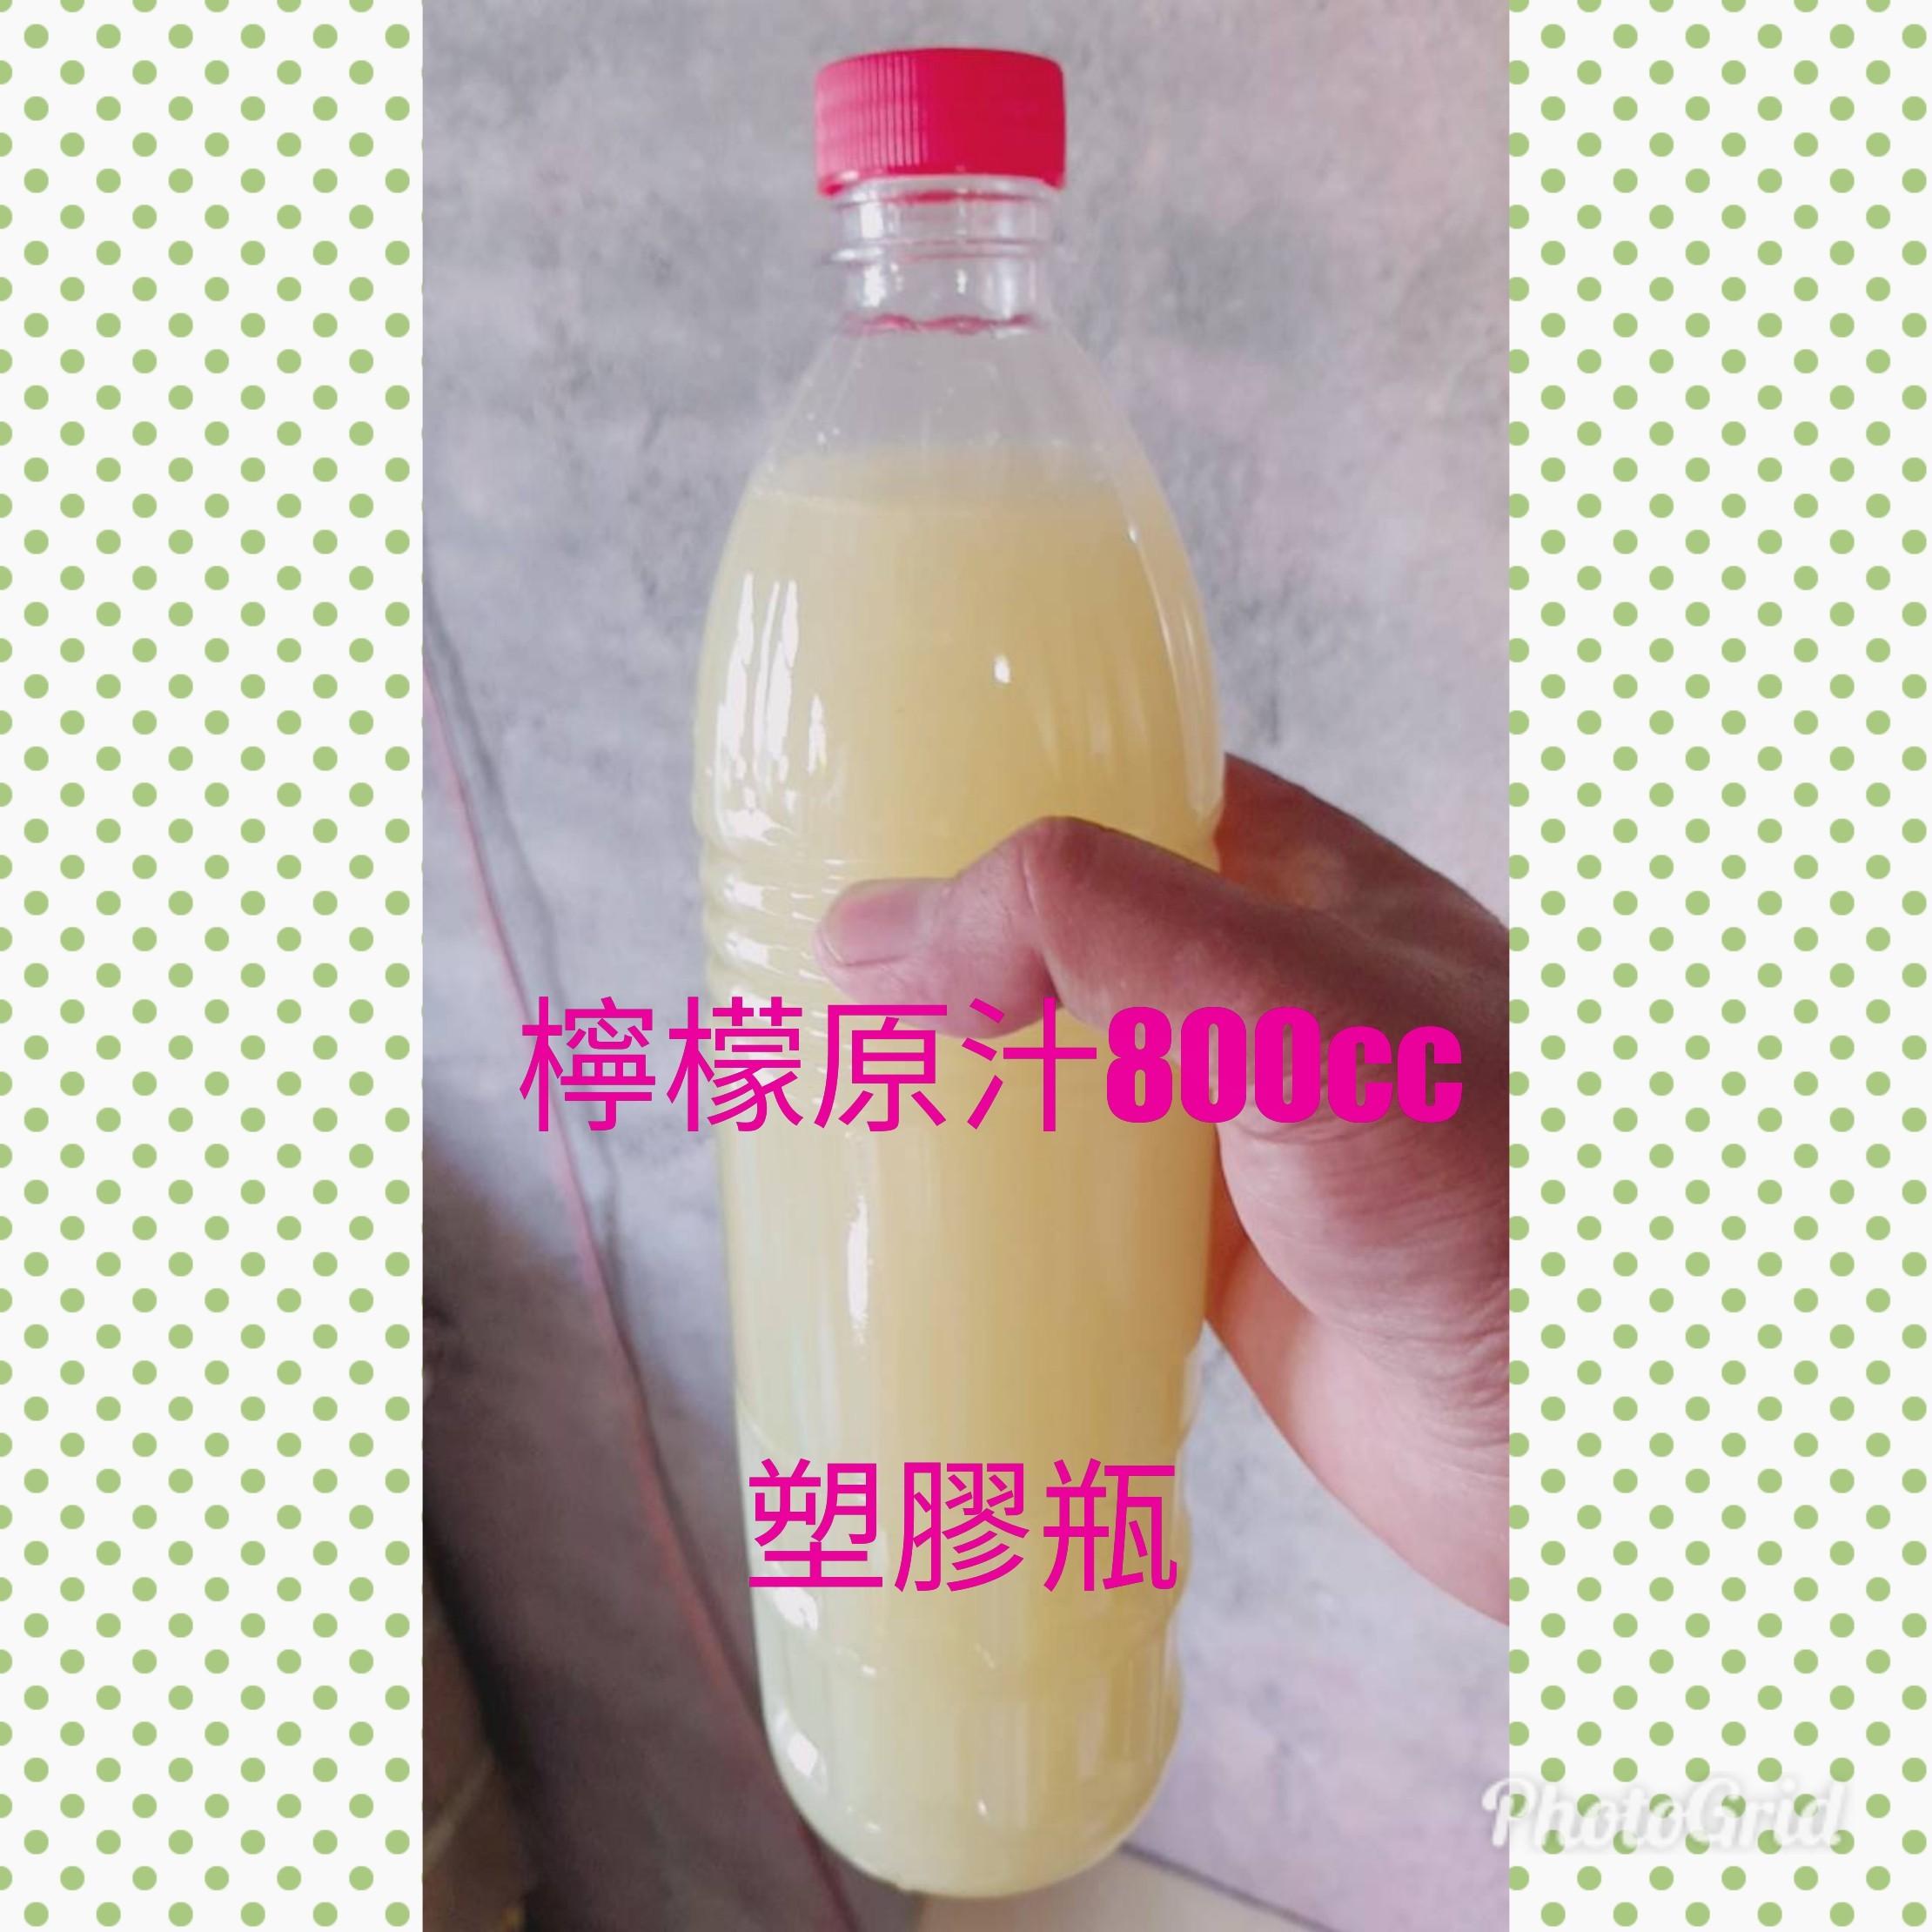 8月份特價無毒檸檬原汁 | 鮮檸檬汁 | 檸檬汁 | 檸檬水 | TLS全新生活800cc(12瓶)【塑膠瓶裝】結帳輸入折扣碼「IU205AQRTSRP」,在打【85】折